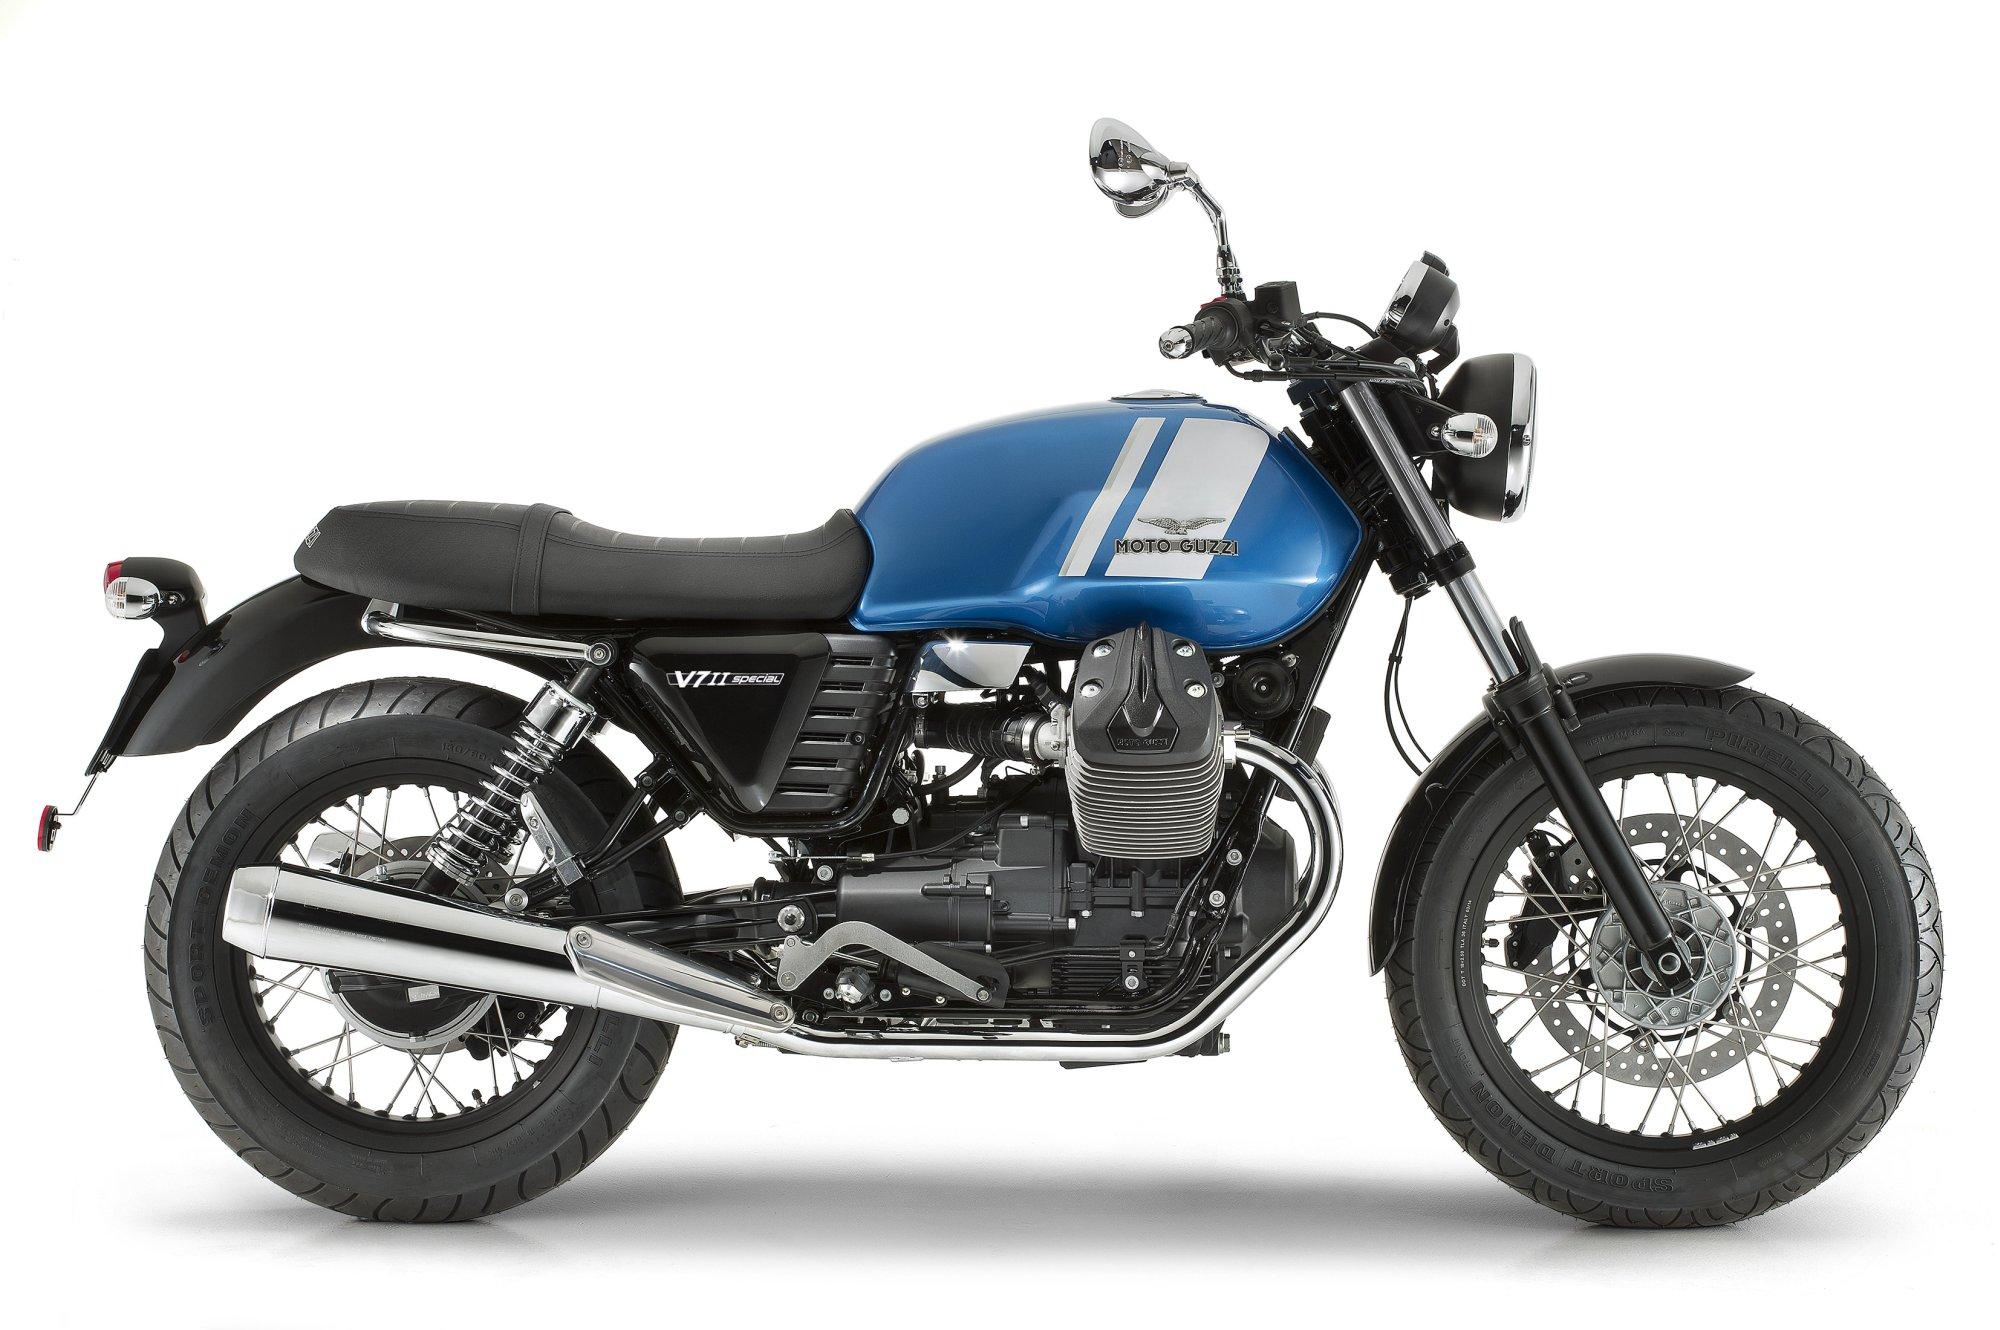 gebrauchte und neue moto guzzi v7 ii special motorr der kaufen. Black Bedroom Furniture Sets. Home Design Ideas